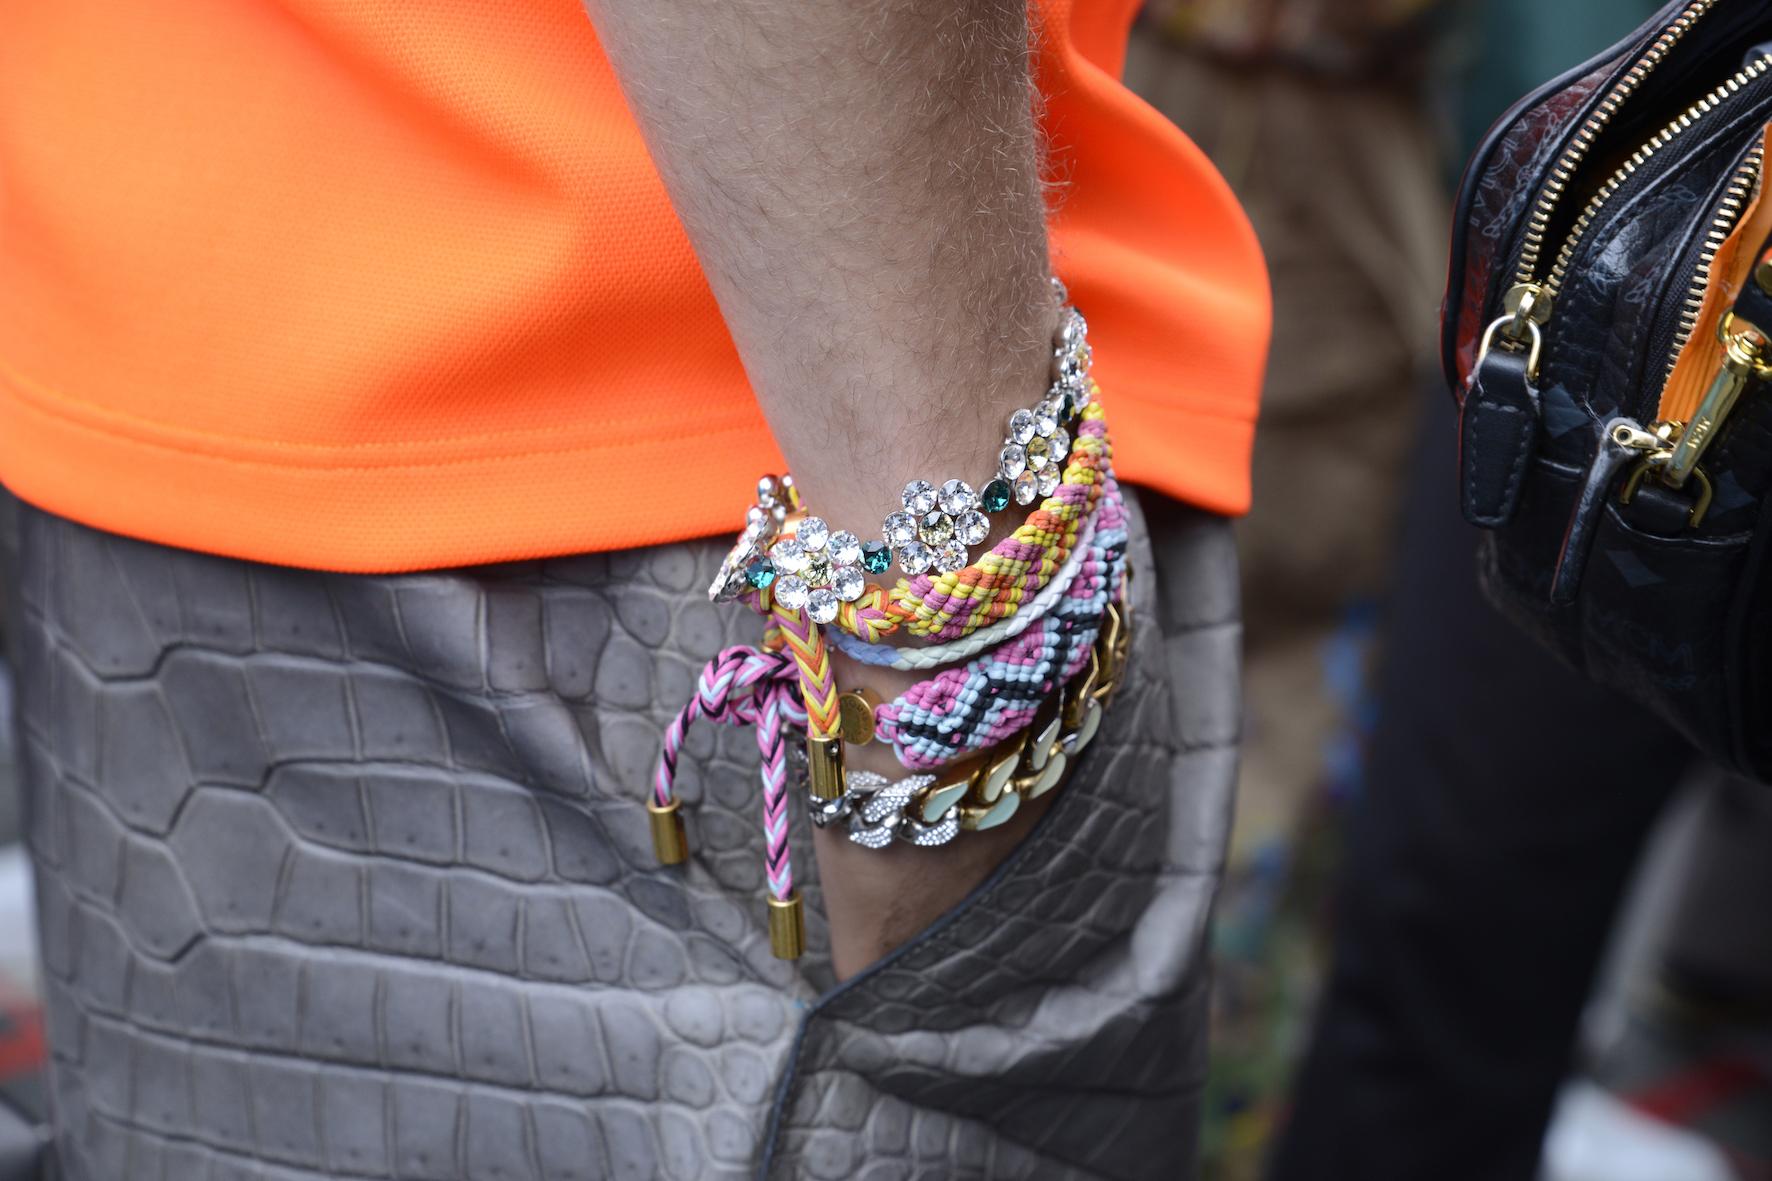 Louis_Vuitton_SS20_Behind_The_Blinds_Magazine_d804743-jpg.jpg